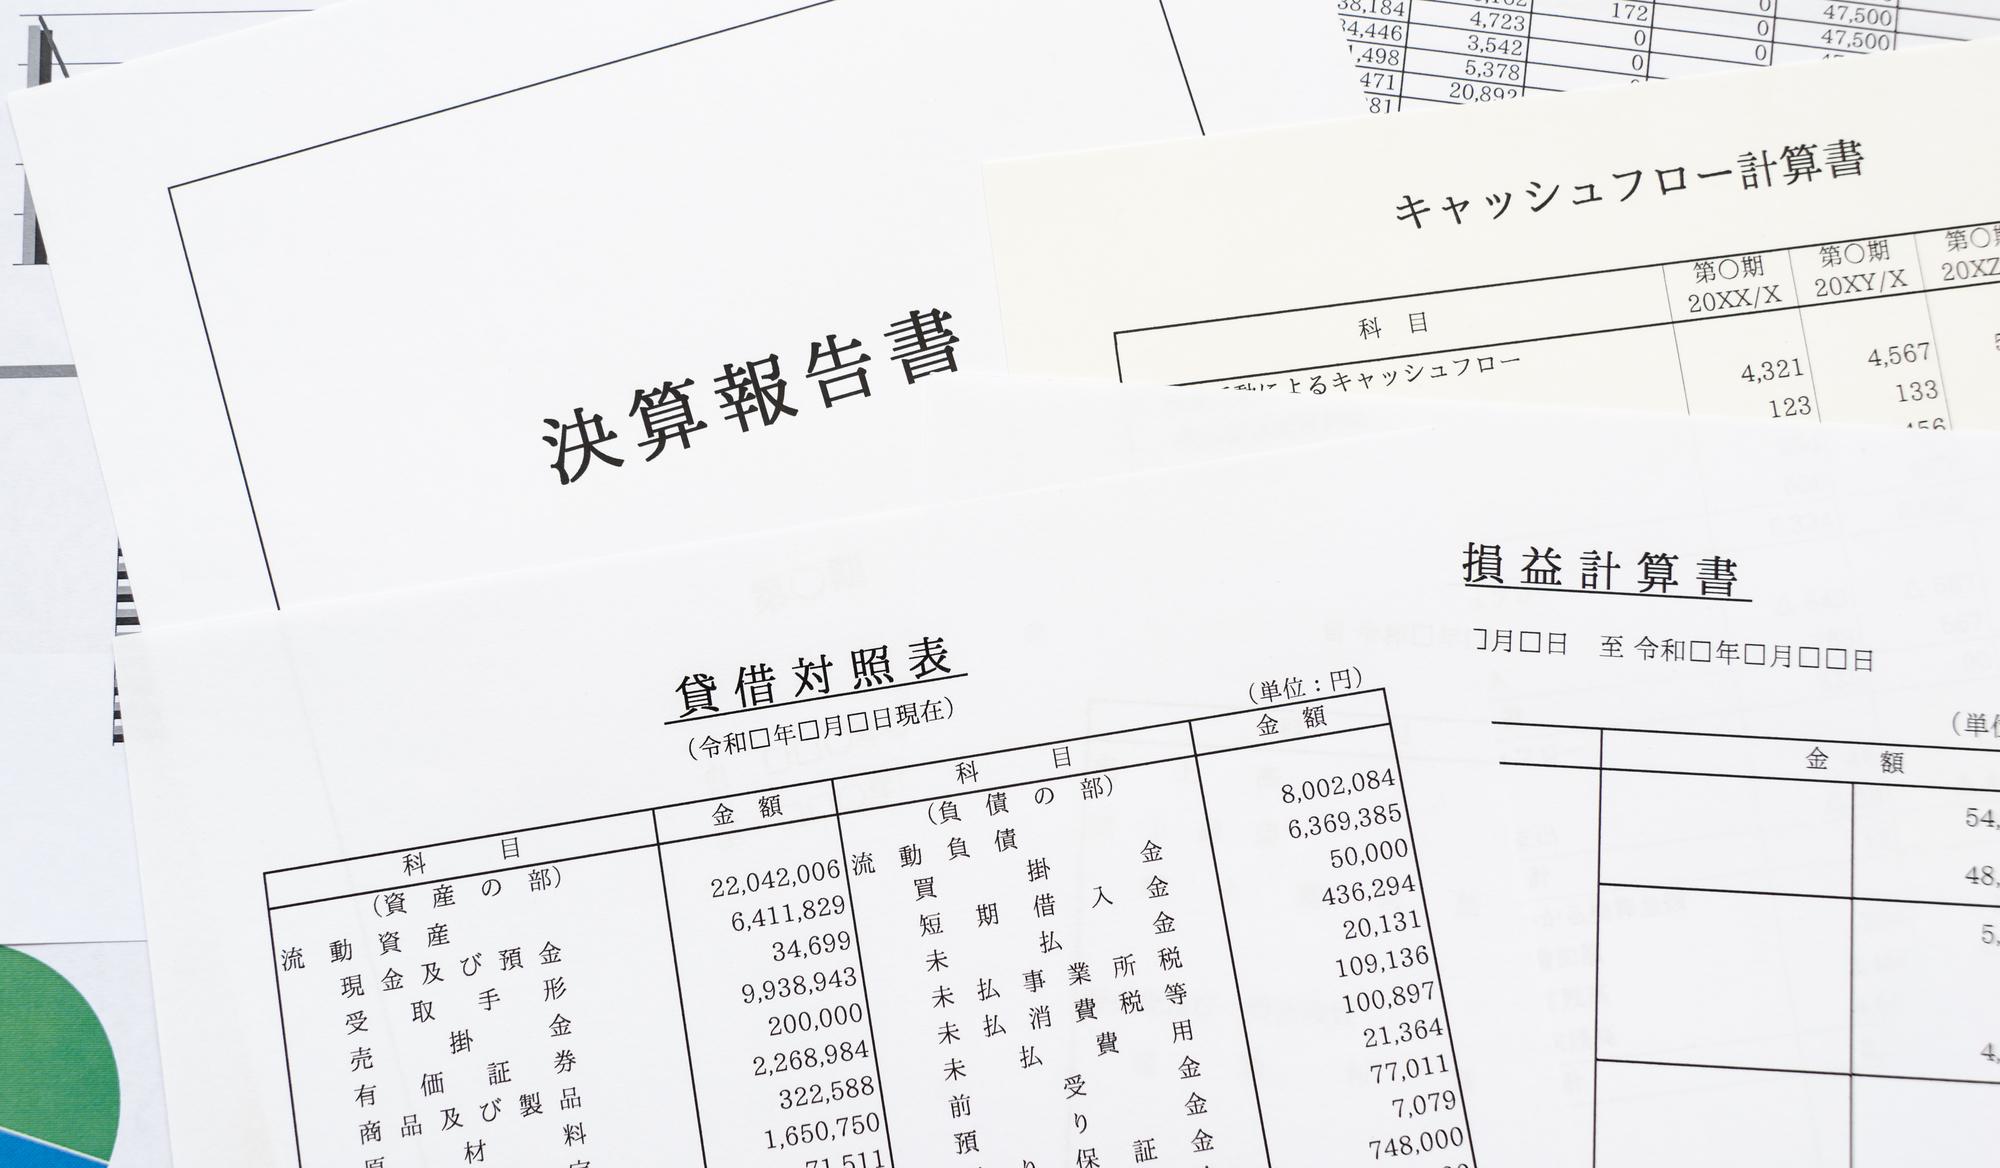 不動産会社の決算書